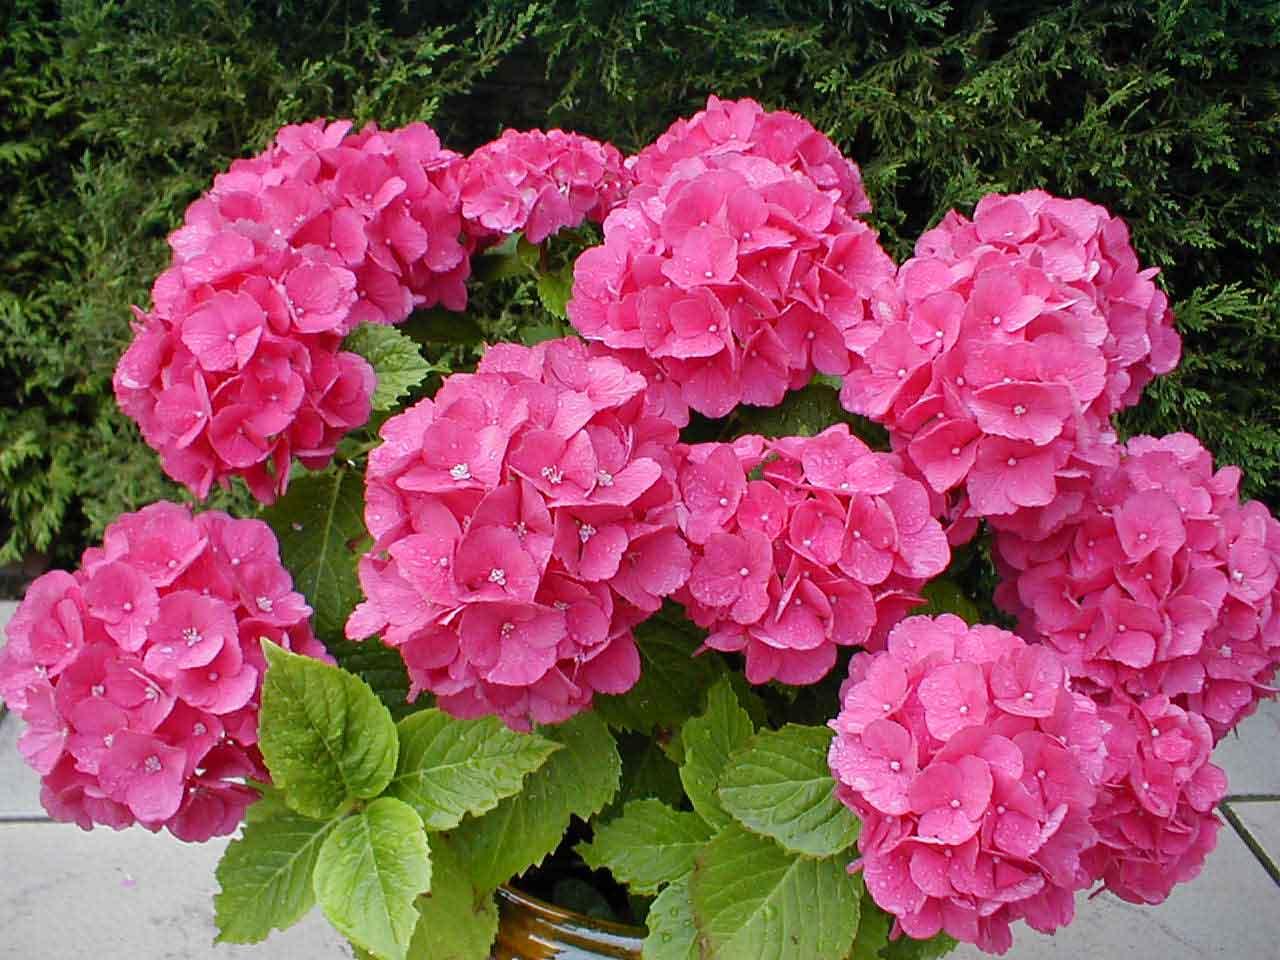 Разные виды гортензии часто можно увидеть среди растений на цветочных выставках